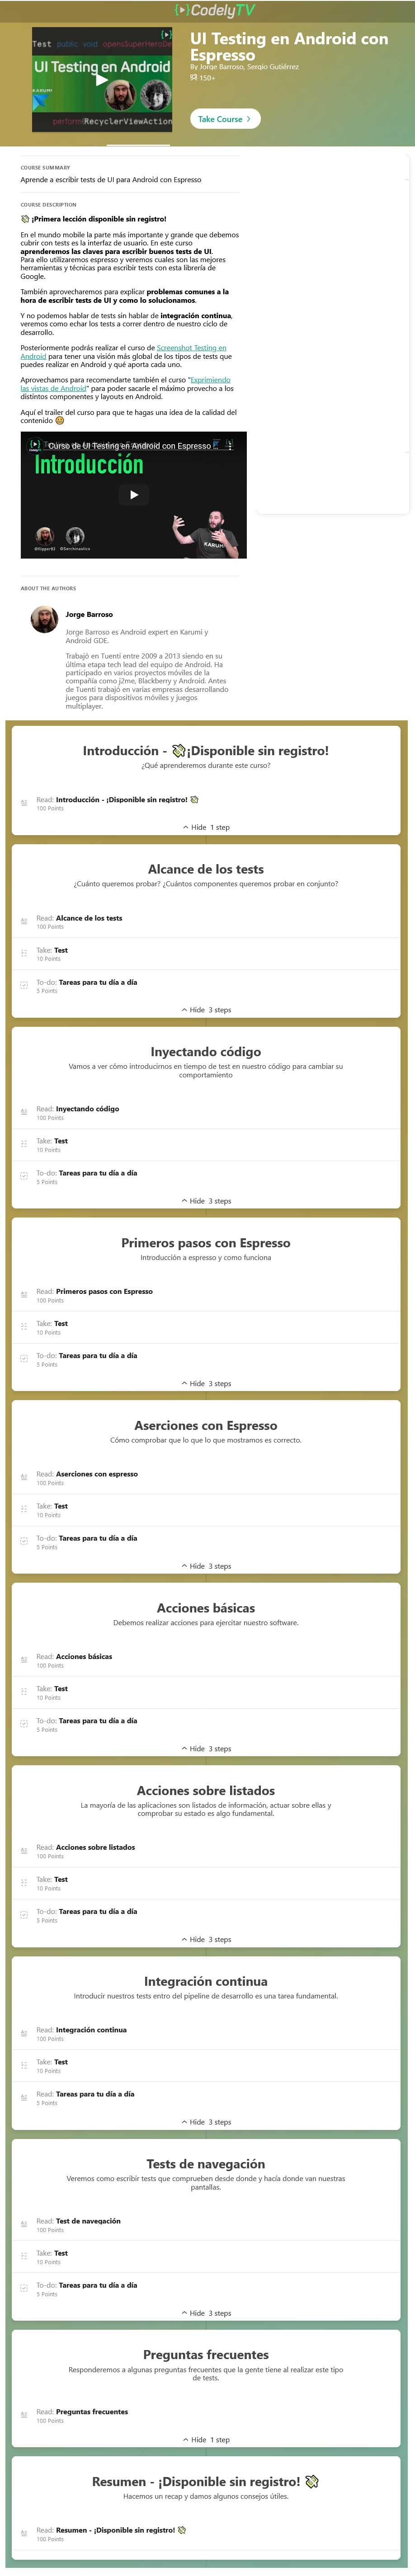 UI testing en android con espresso - jorge barroso